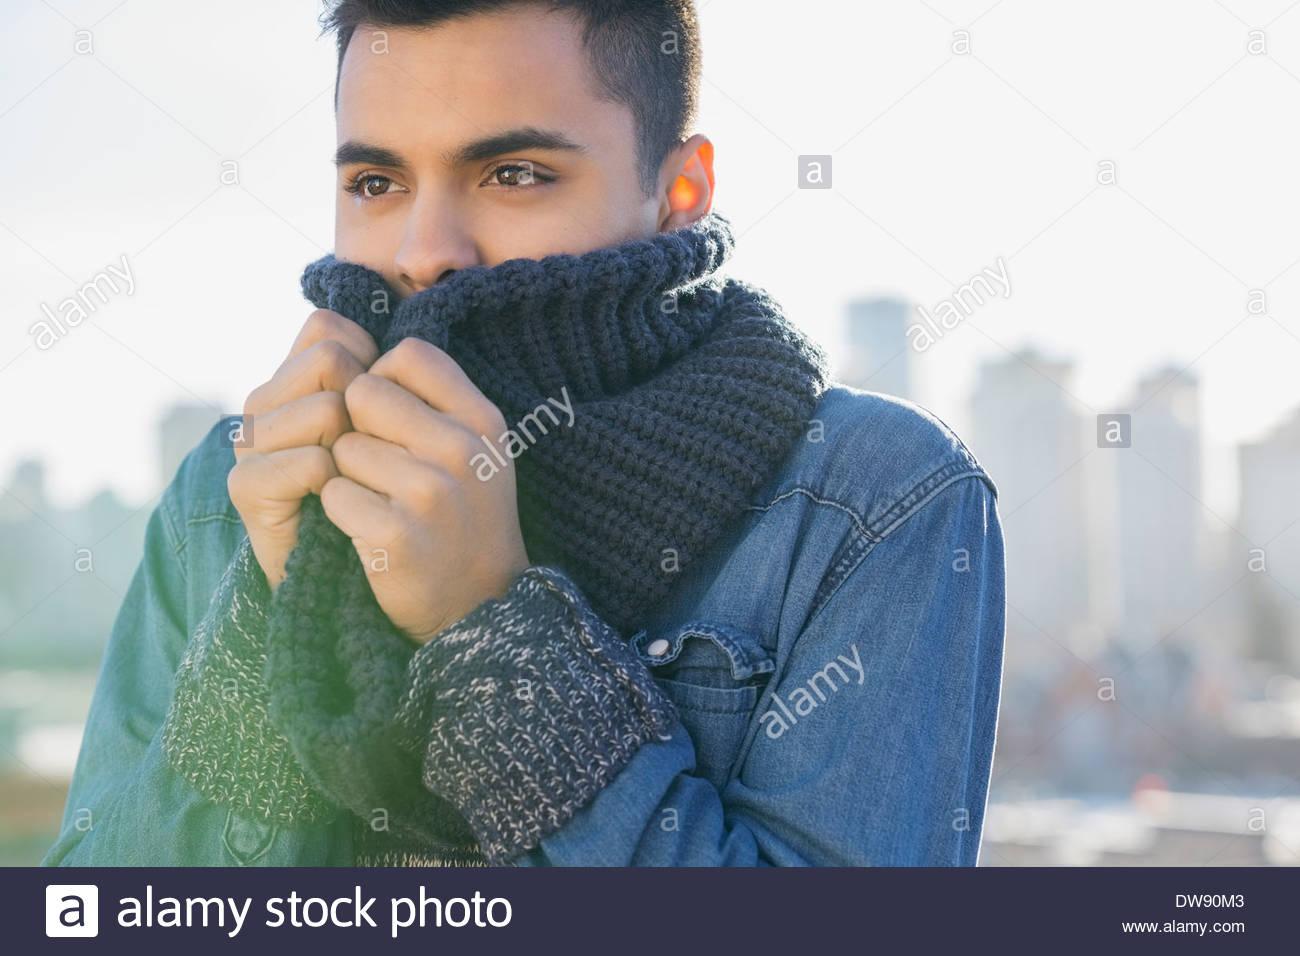 Homme debout en plein air avec écharpe en tricot confortable Photo Stock 2cdf267988d